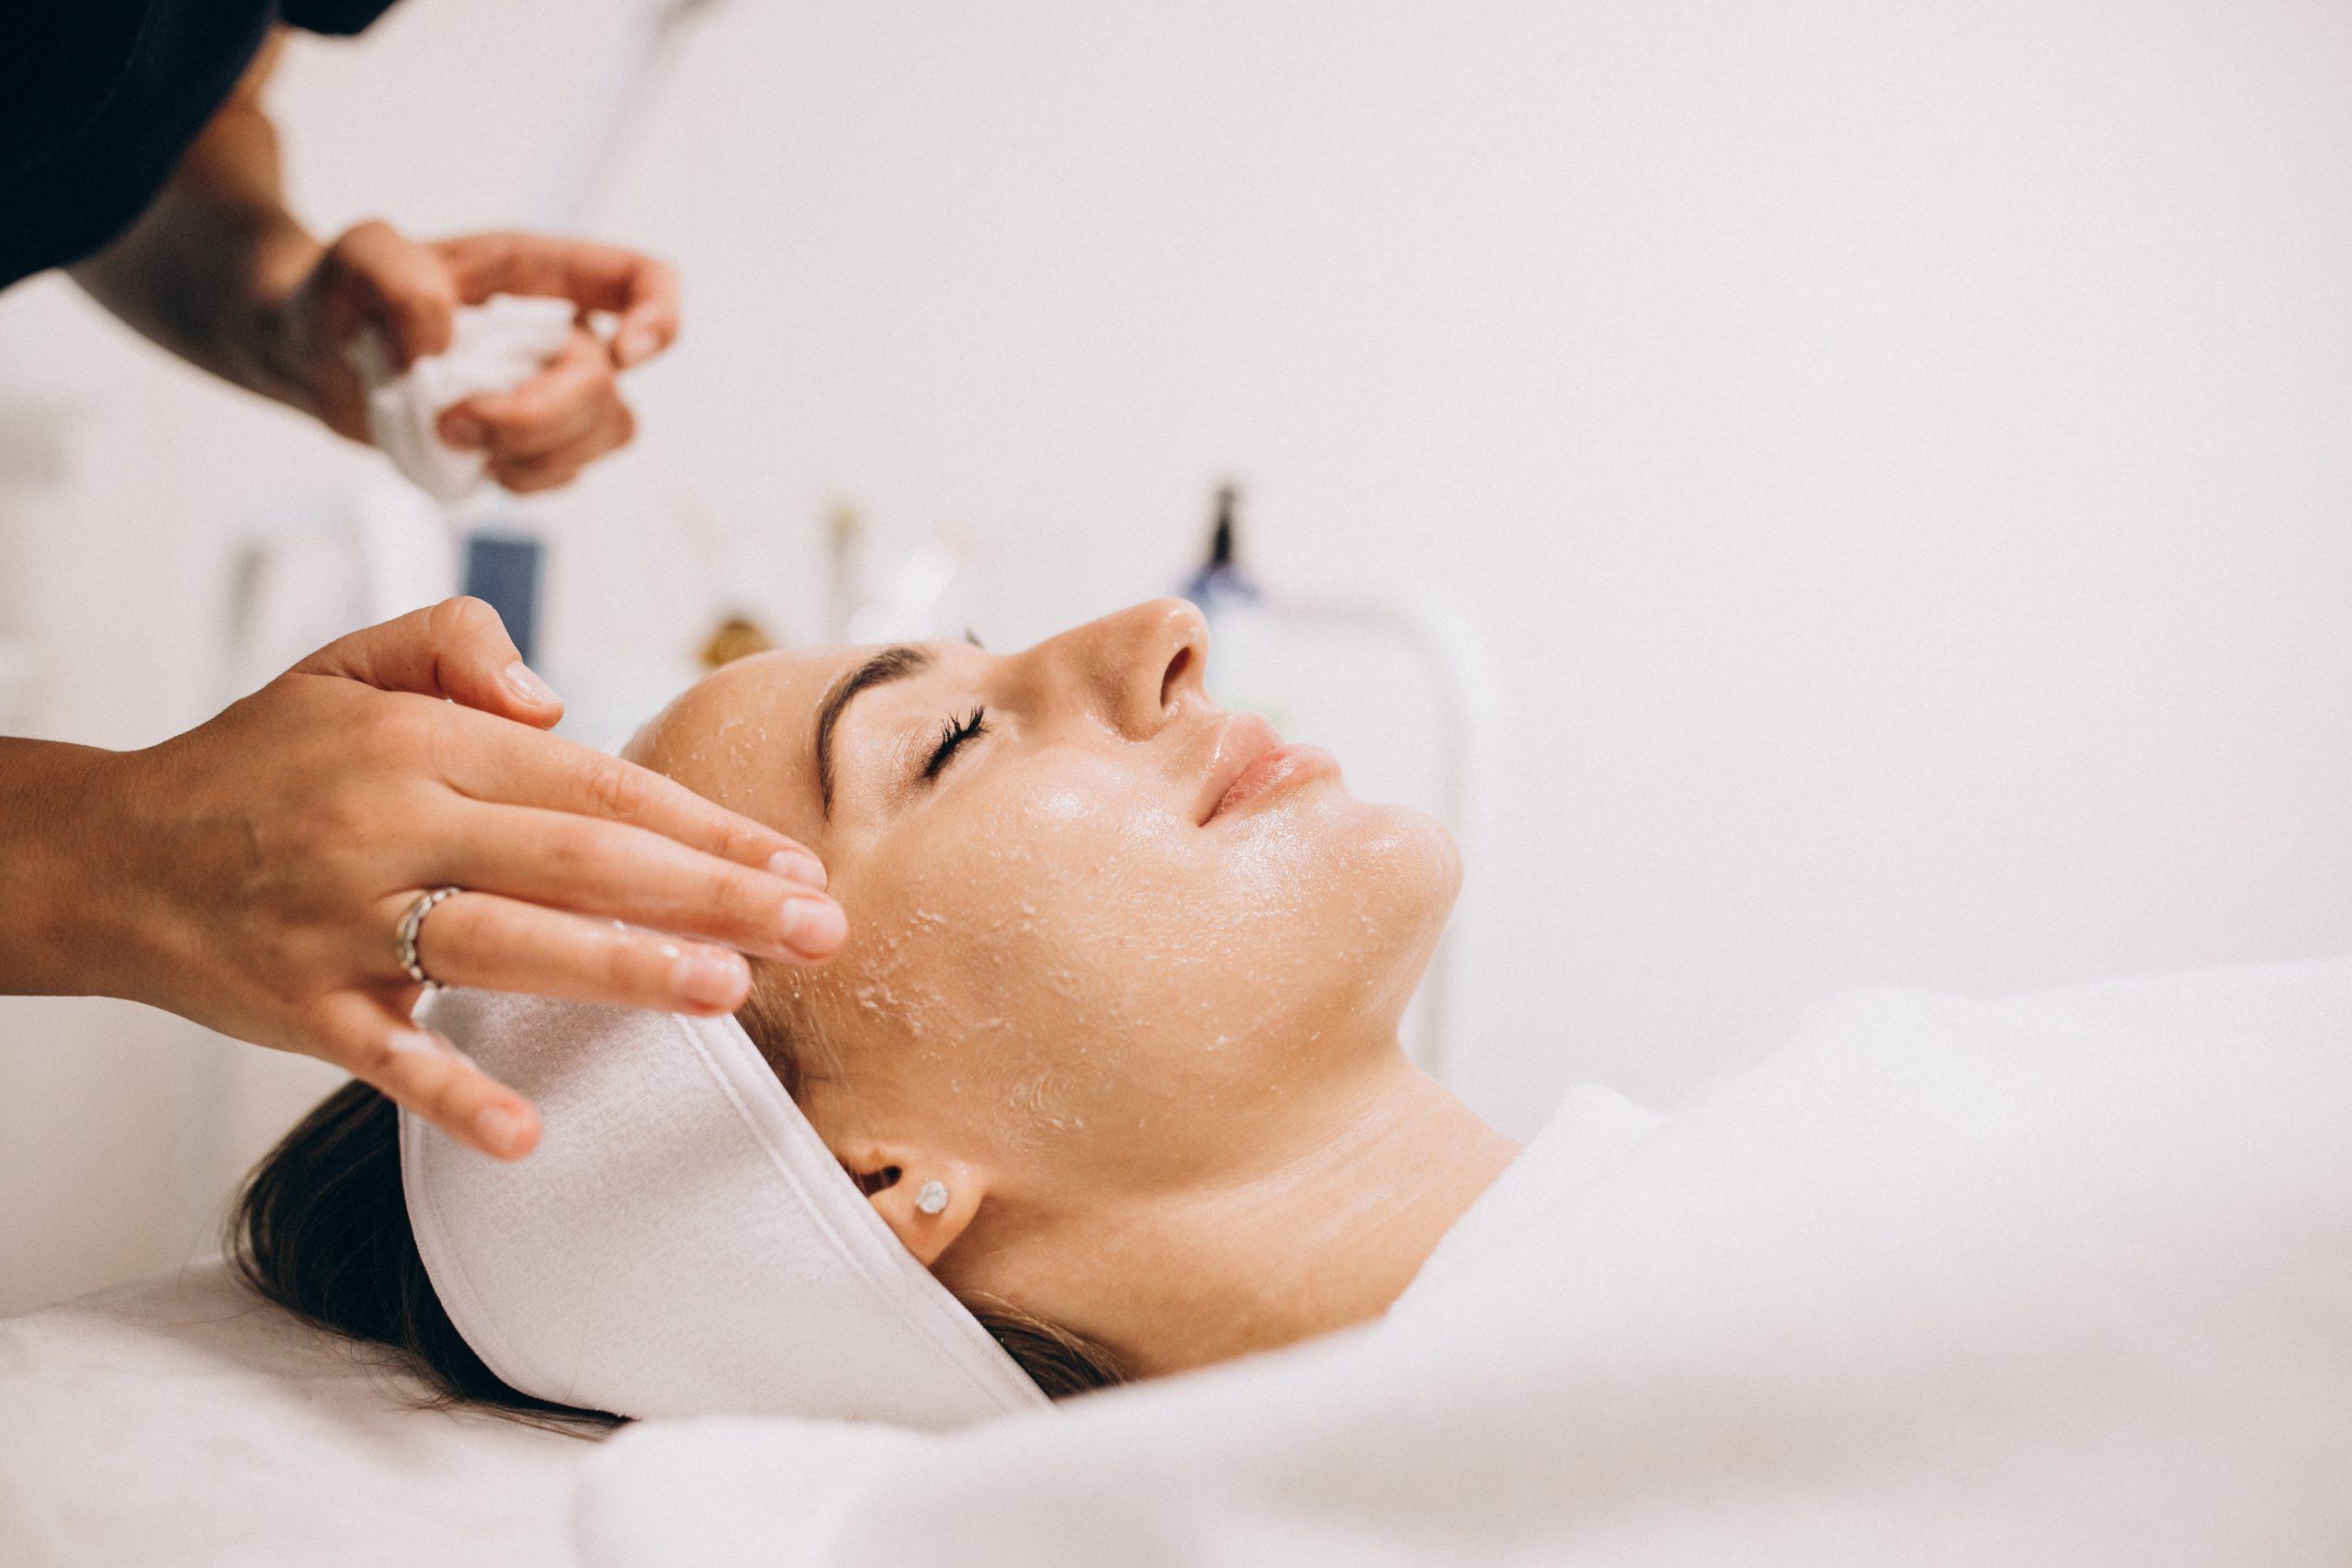 készítmények a test és a bőr tisztítására